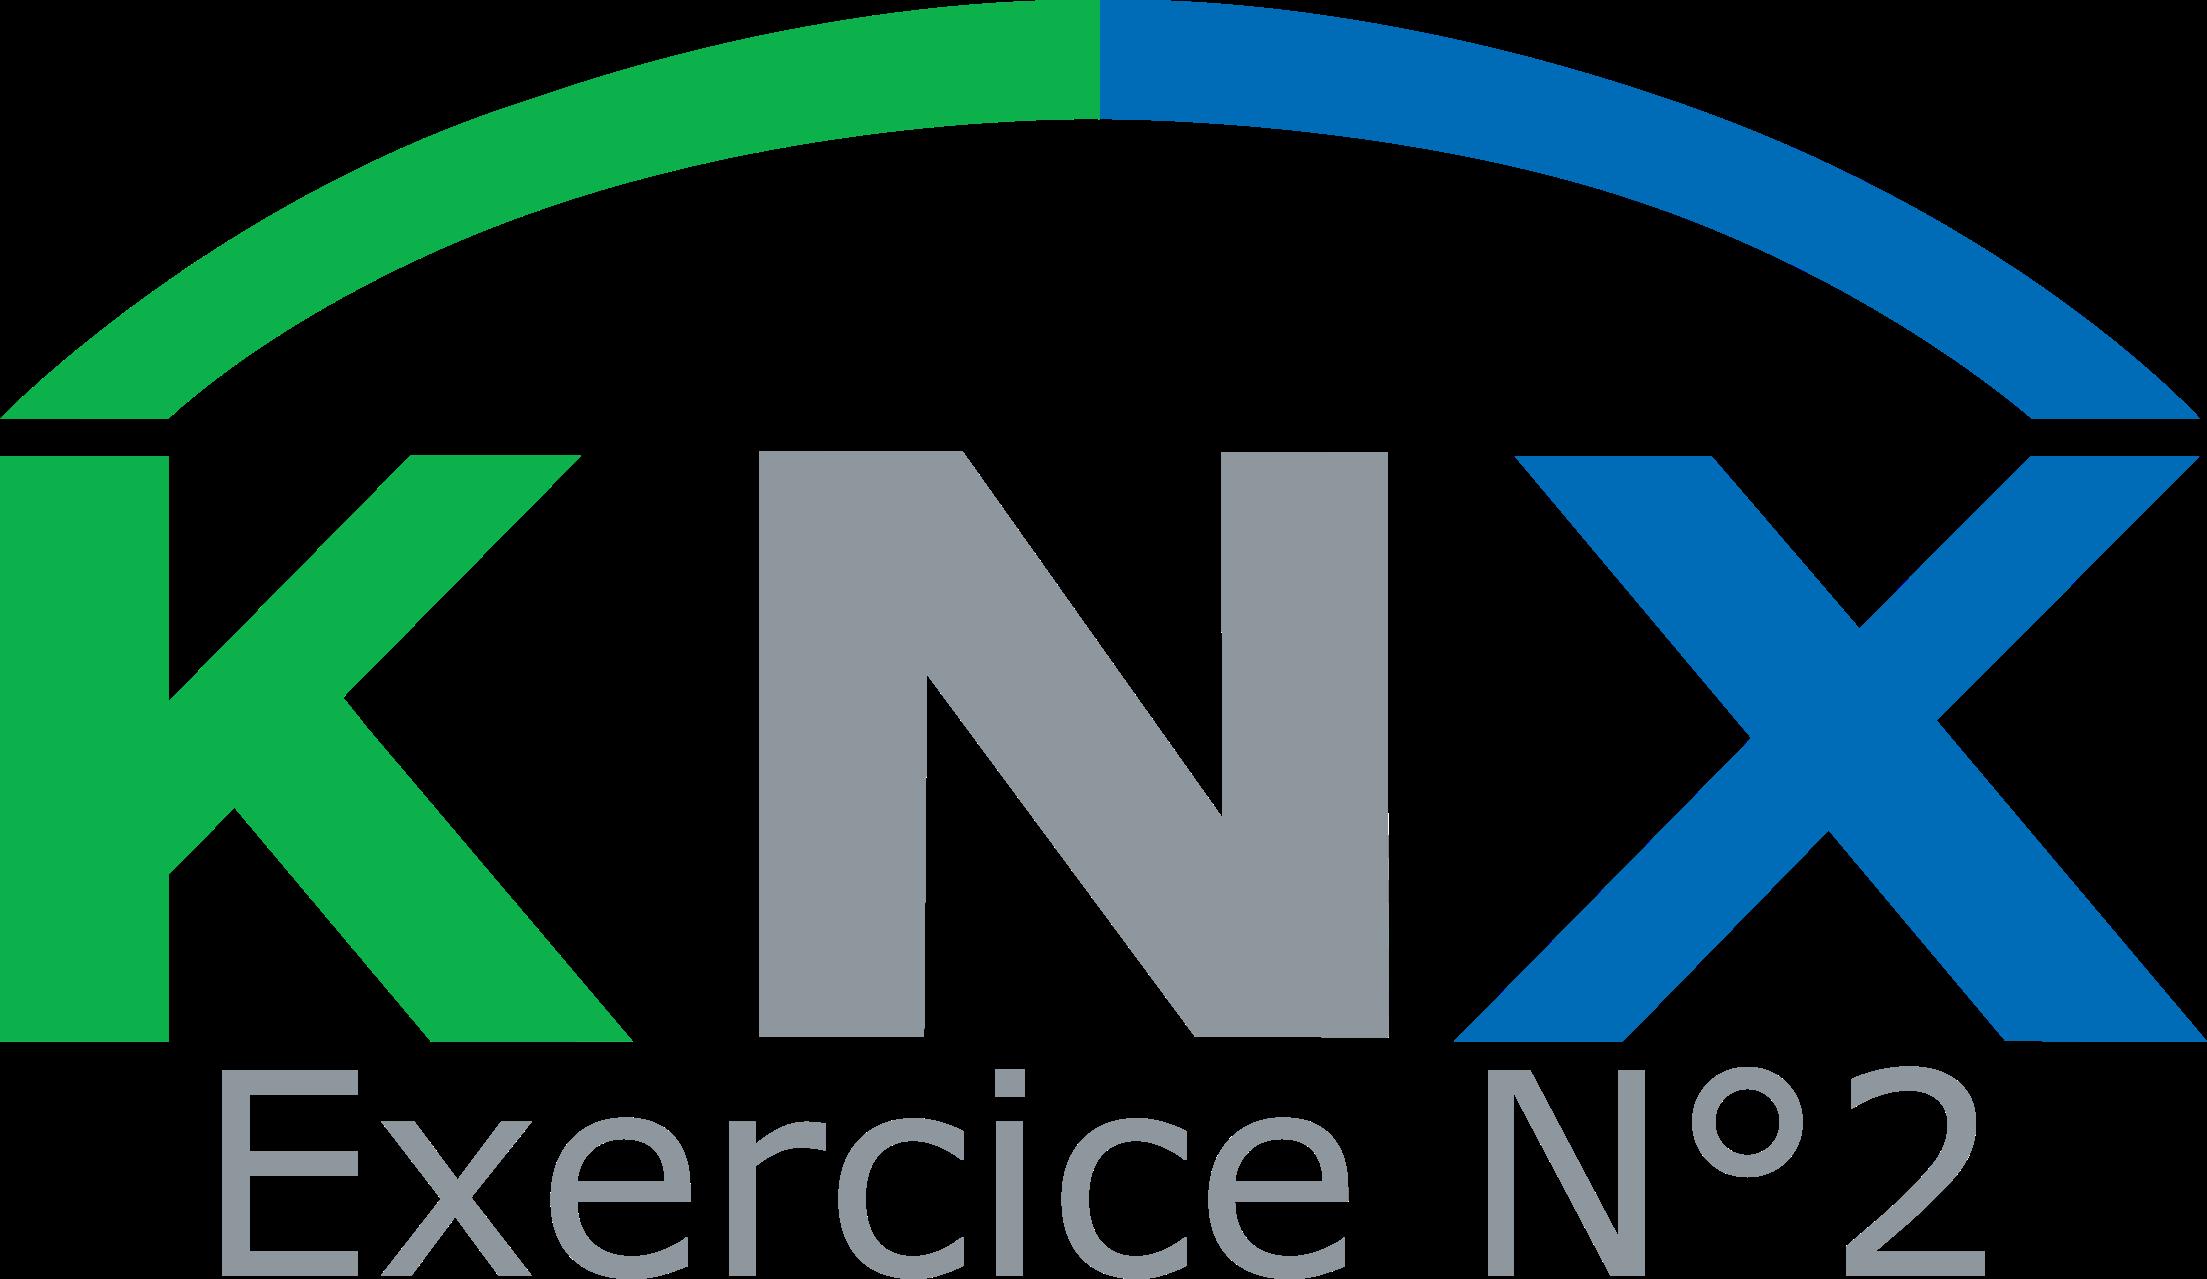 MyEleec – KNX – Exercice N°2